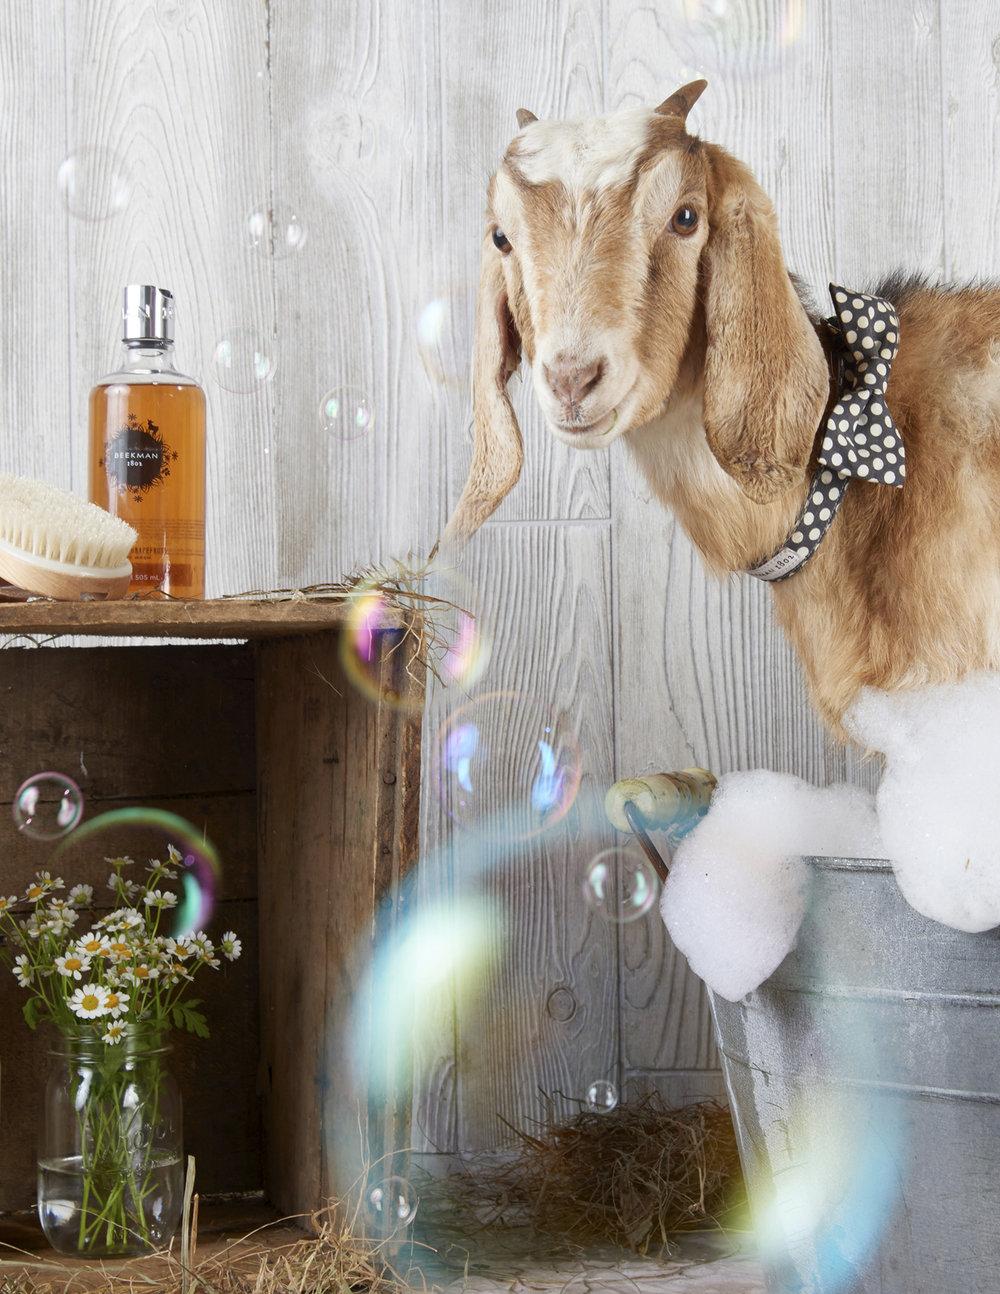 Website_Vertical_0017_Beekman 1802 Goats17319.jpg